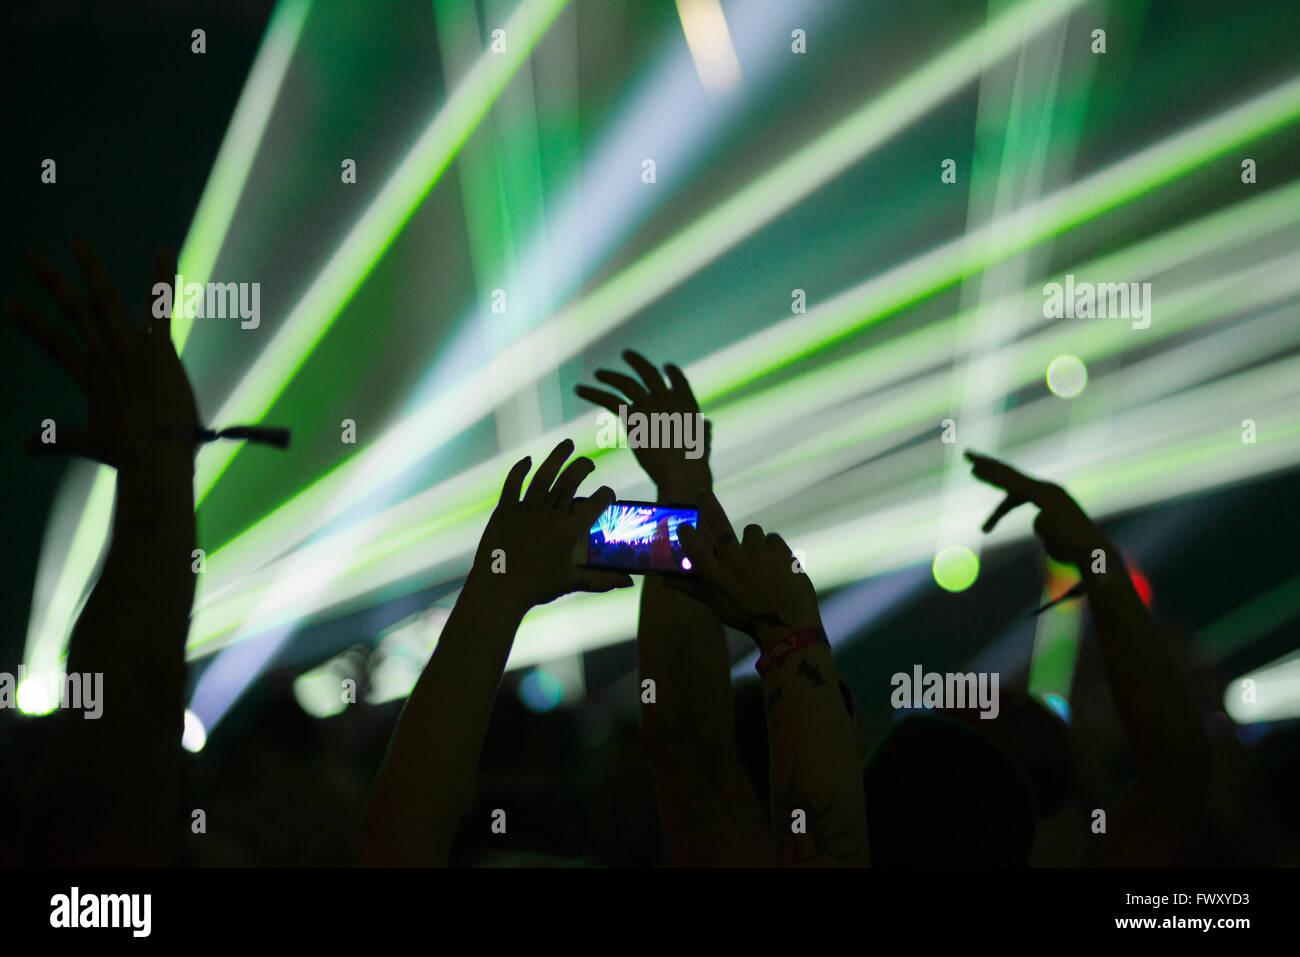 La Finlande, Helsinki, Uusimaa, l'homme à prendre des photos avec son smartphone au Festival d'été Photo Stock